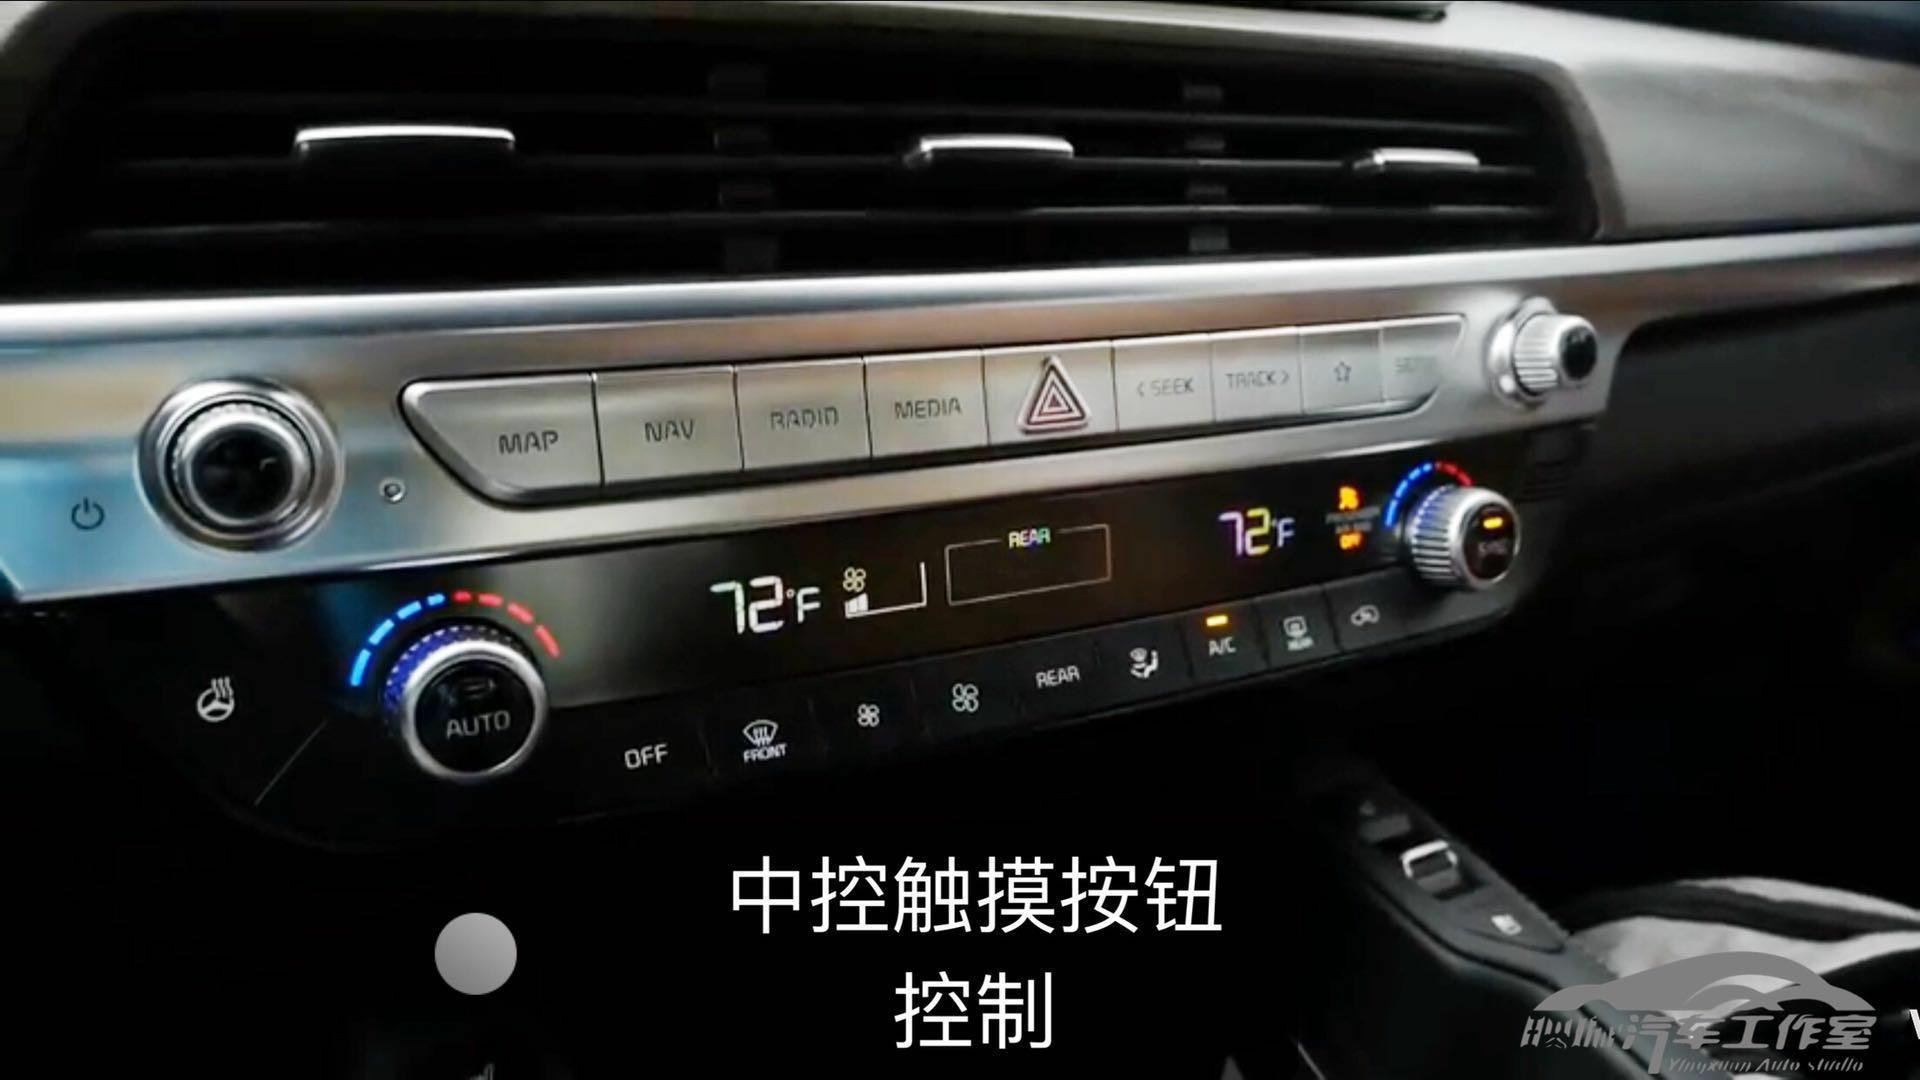 到店实拍|起亚旗舰SUV7座Telluride 美式硬派风格